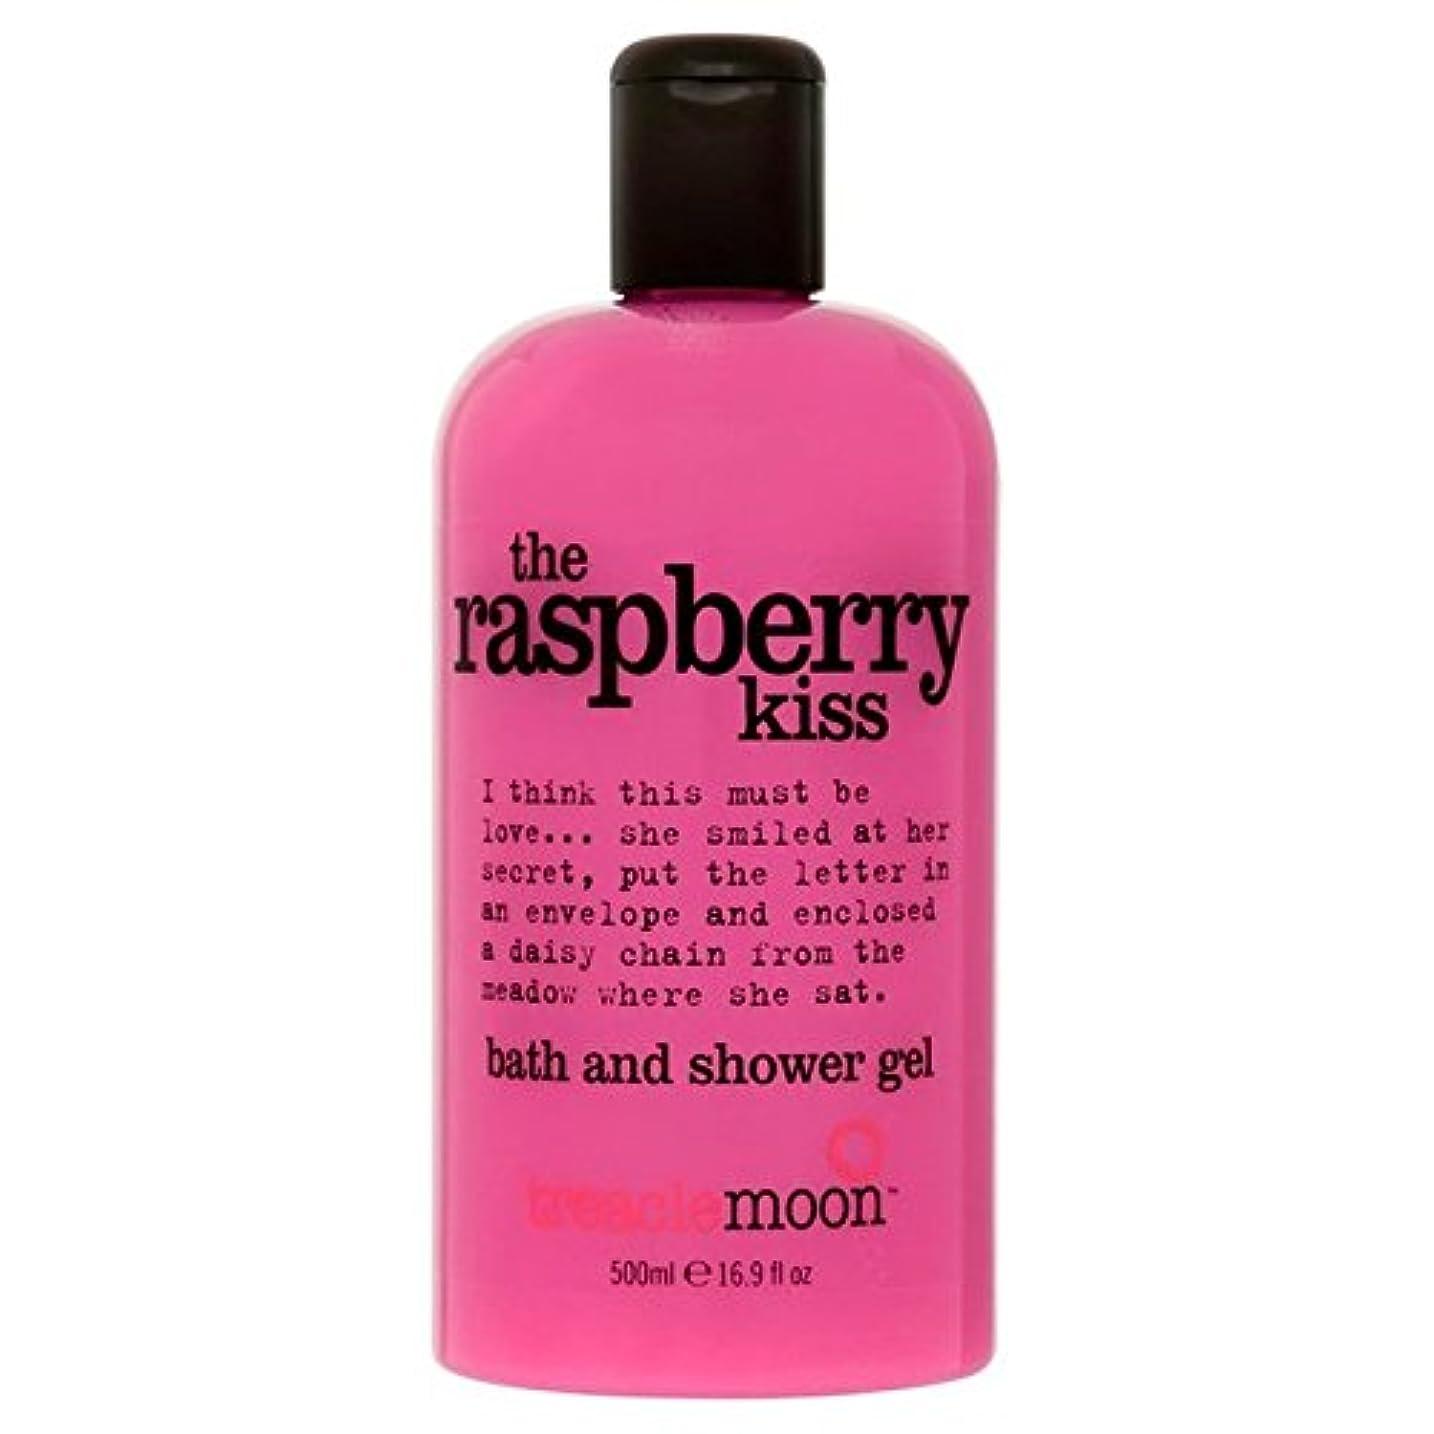 ペット生態学ウィンク糖蜜ムーンラズベリーバス&シャワージェル500ミリリットル x2 - Treacle Moon Raspberry Bath & Shower Gel 500ml (Pack of 2) [並行輸入品]